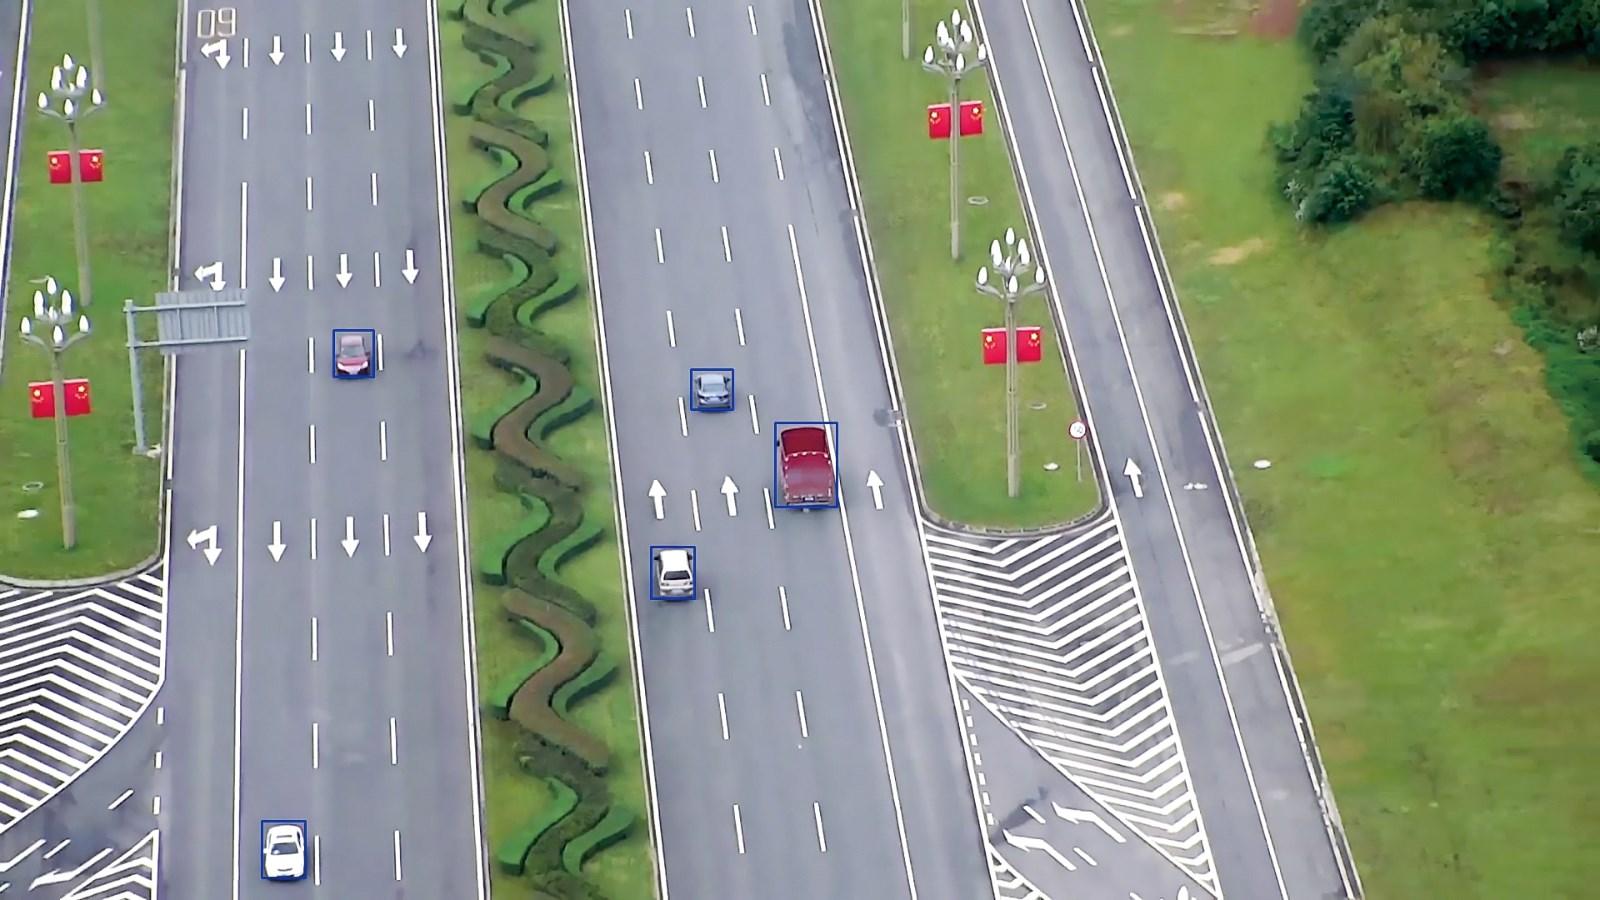 跟踪识别目标车辆.jpg